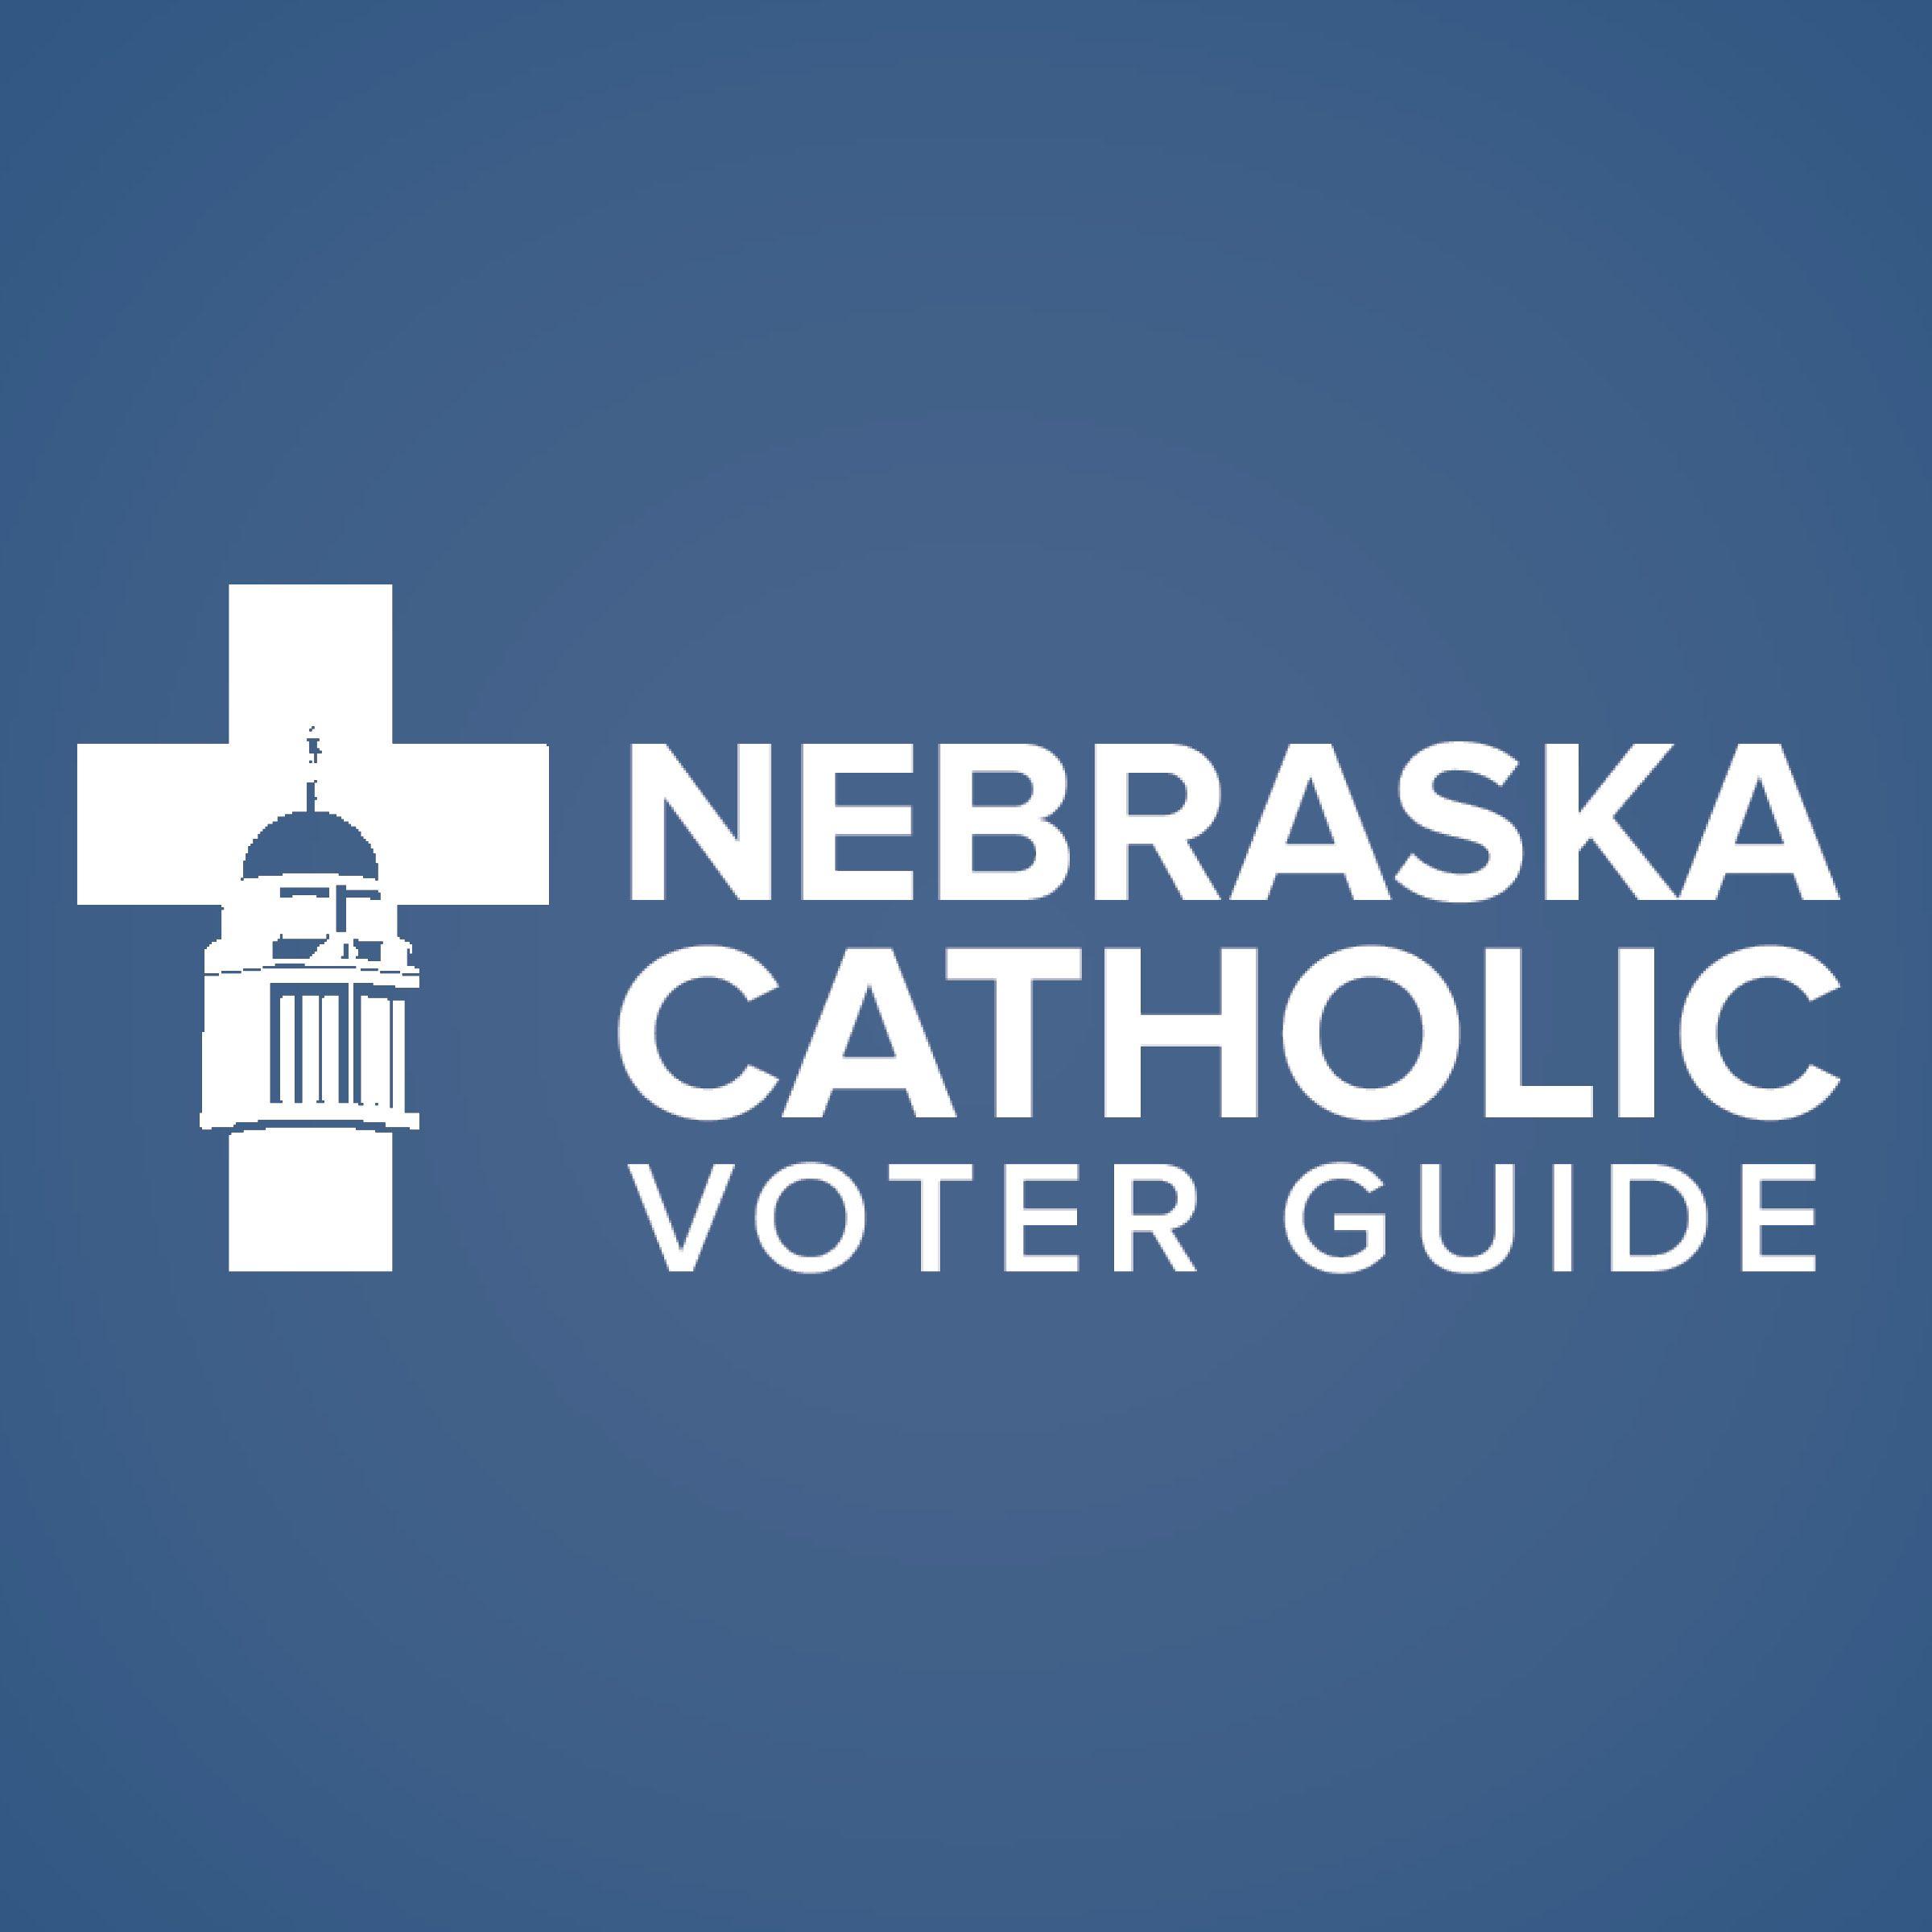 Nebraska Catholic Voter Guide